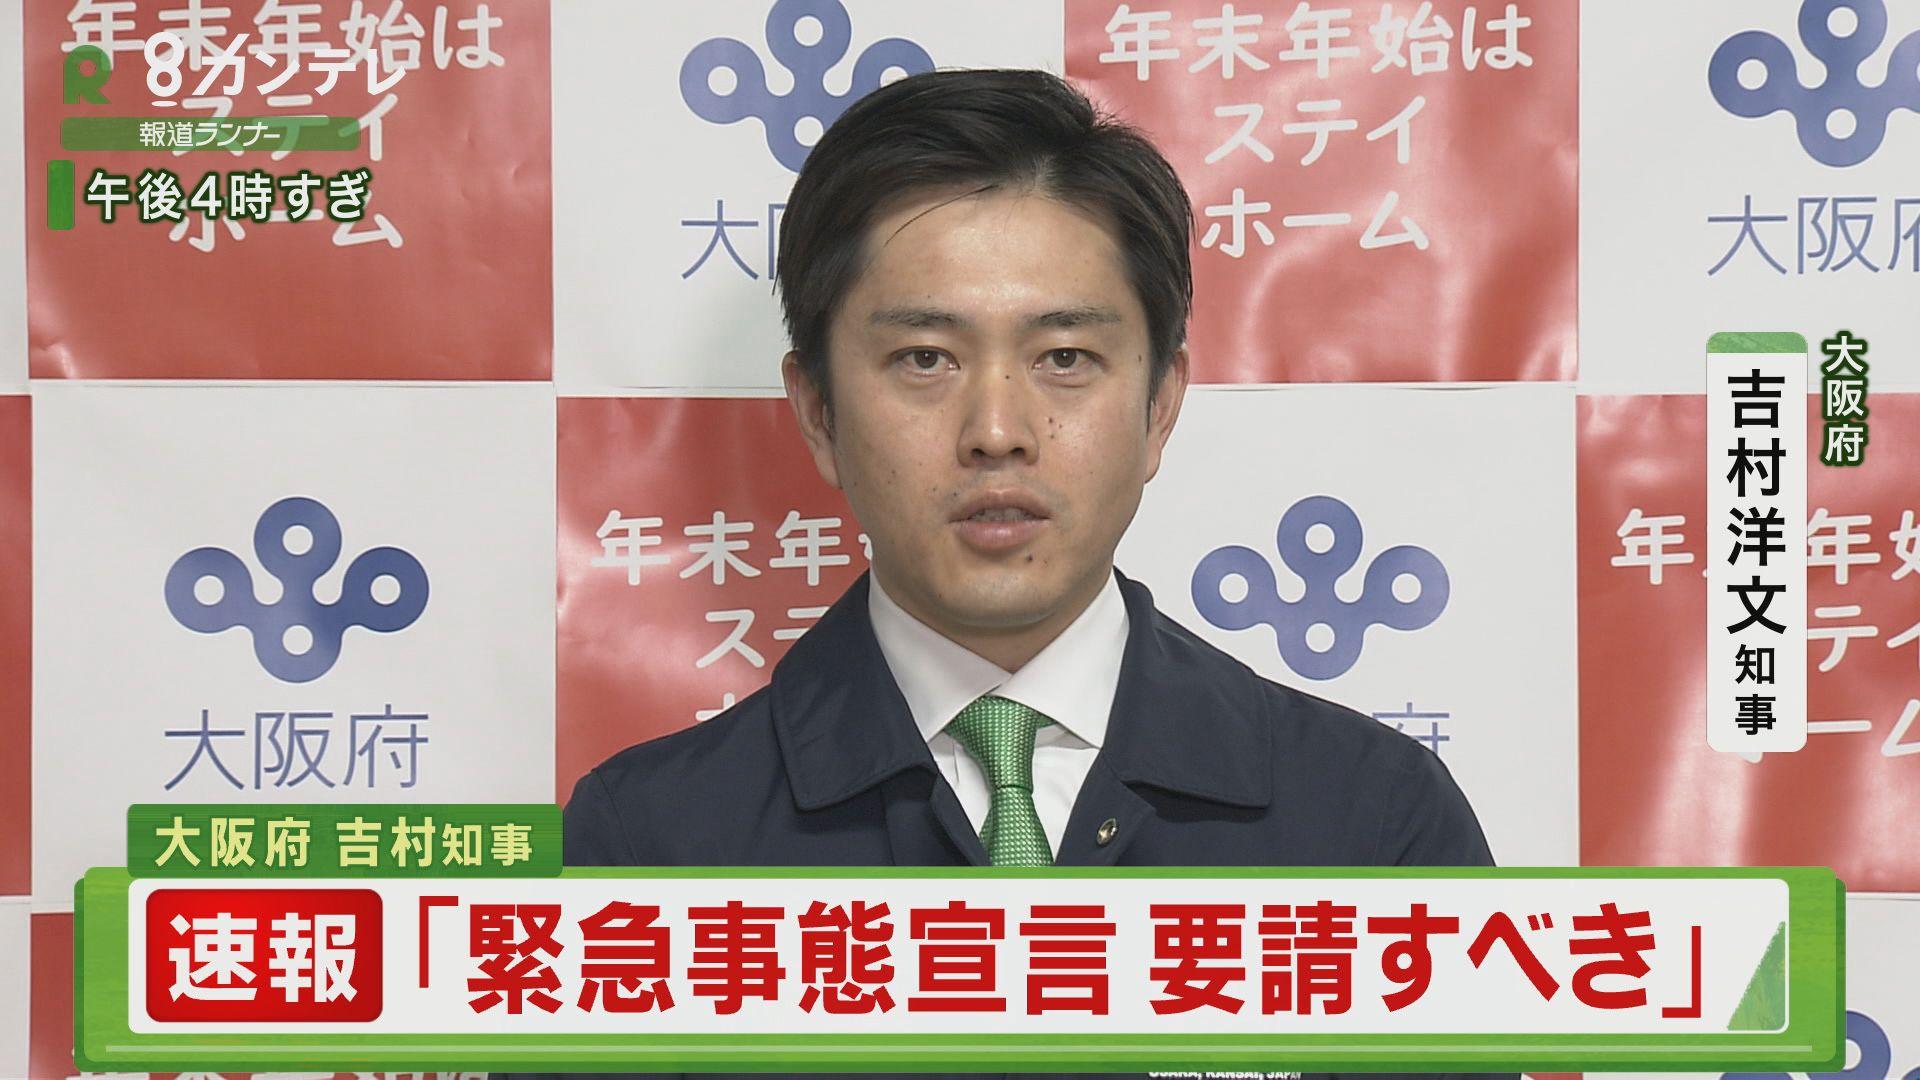 大阪府・吉村知事「首都圏の感染状況、大阪でもこれが起きる可能性が高いと判断すべき」